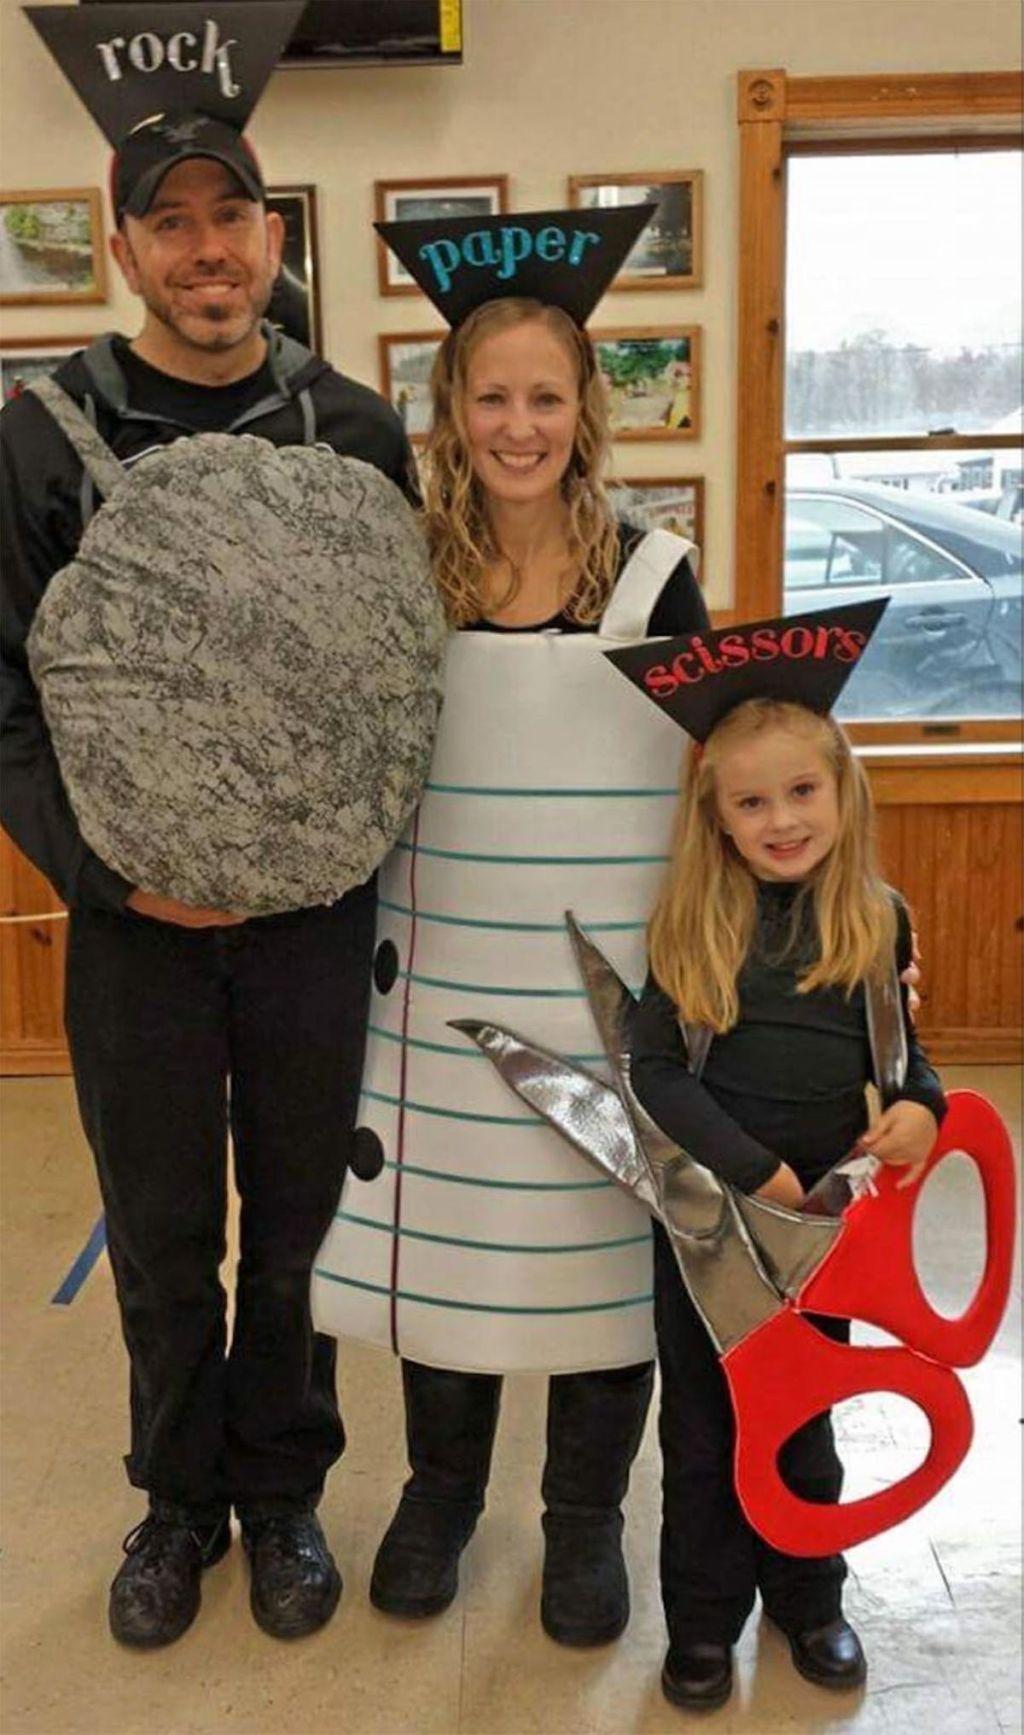 rock paper scissors halloween costumes